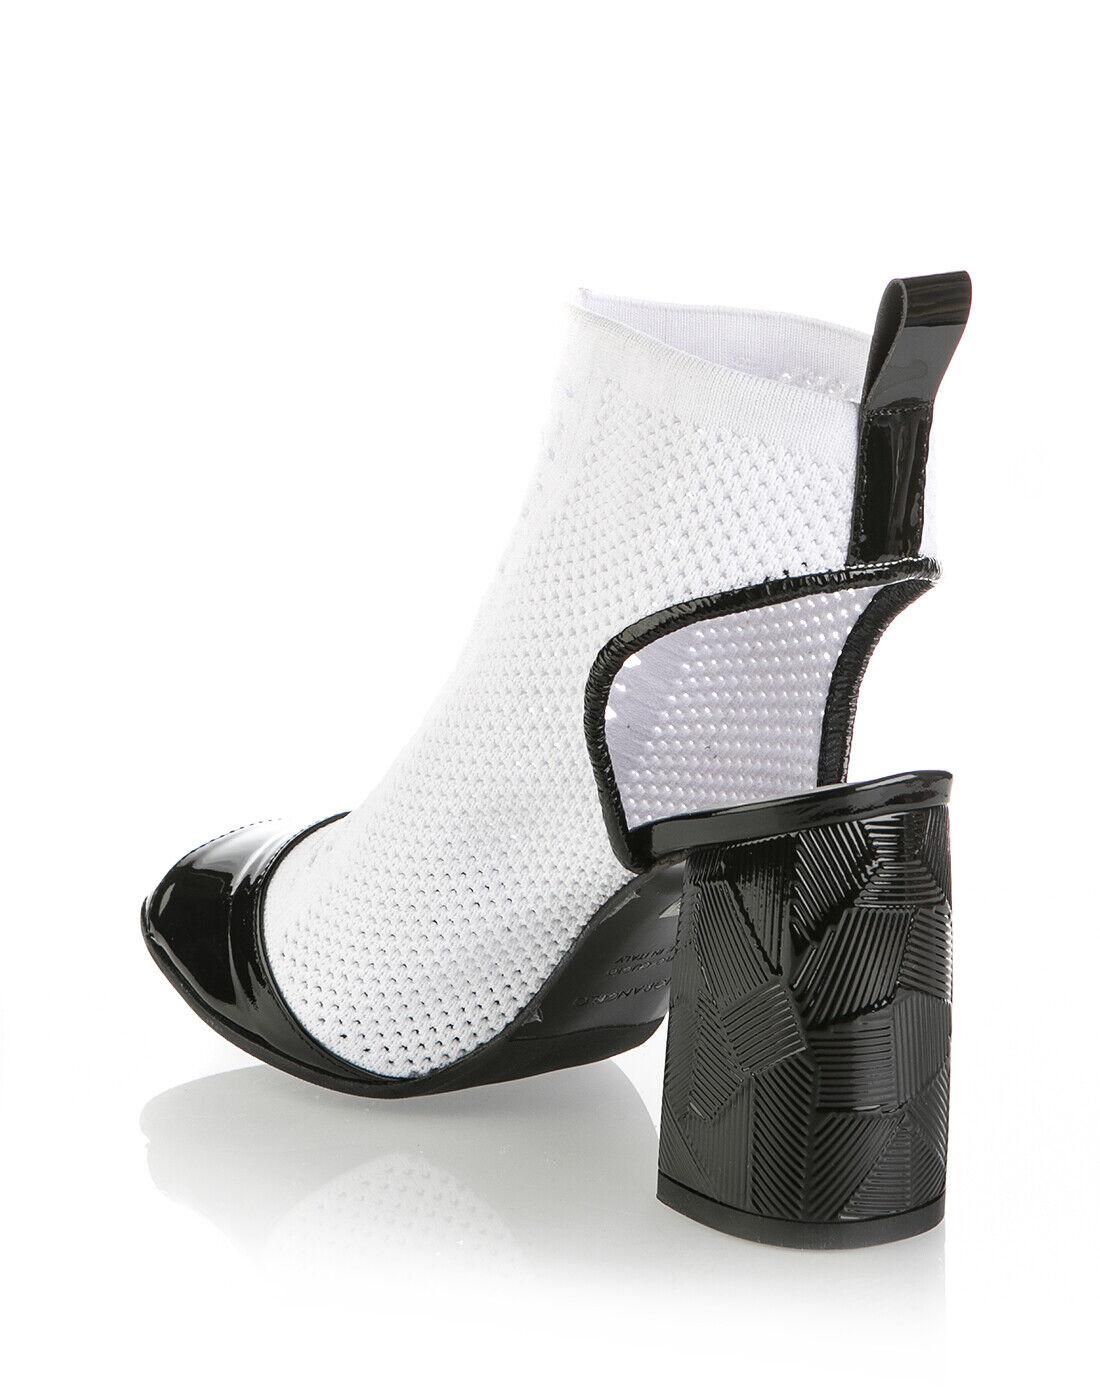 Authentic Authentic Authentic Fiarancialo Italian Leather Designer Sandals Dimensiones 6,7,9,10,11 bianca 1063a7